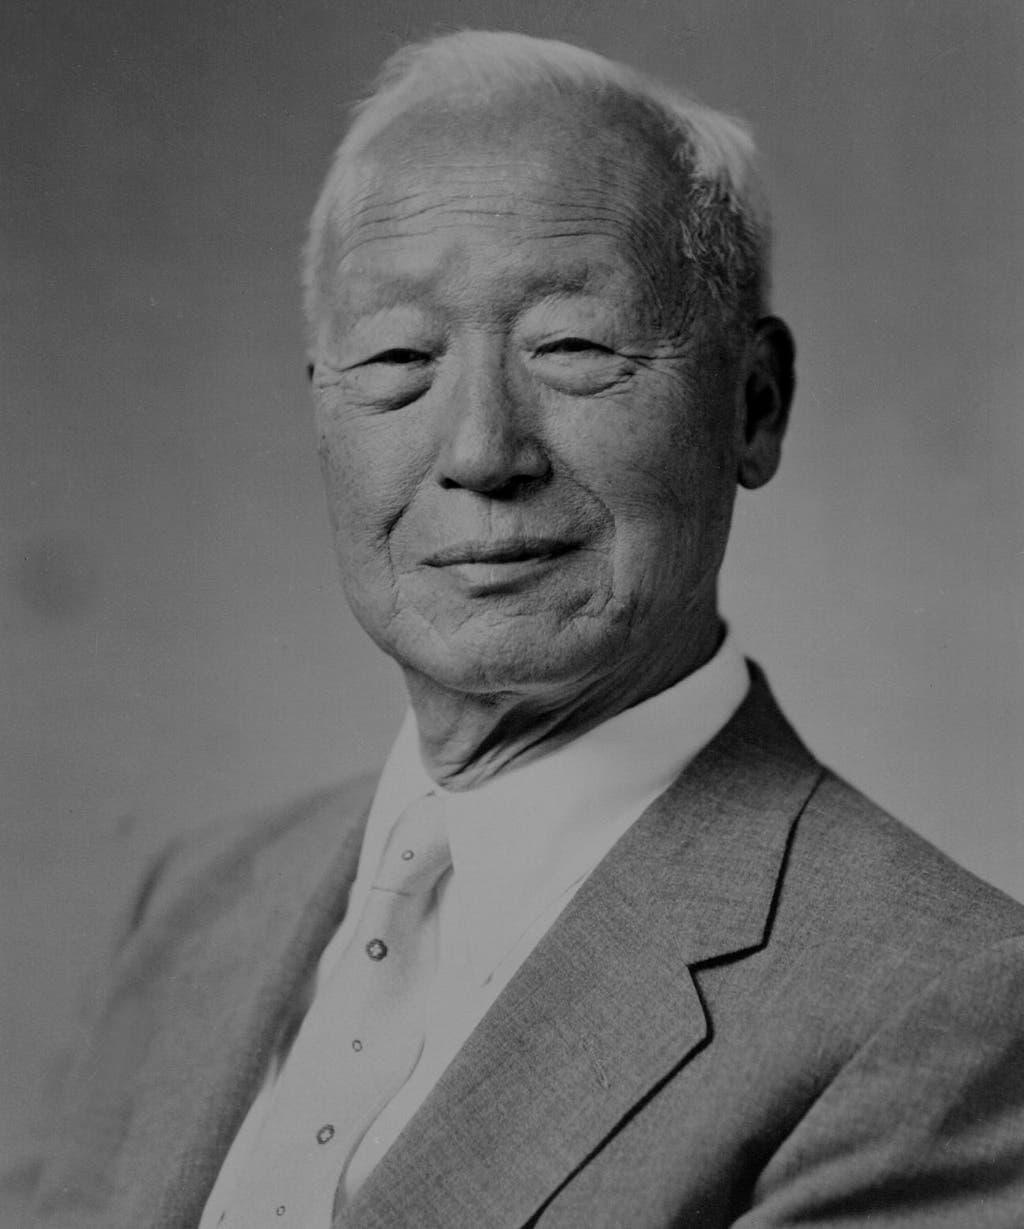 صورة لرئيس كوريا الجنوبية سينغمان ري